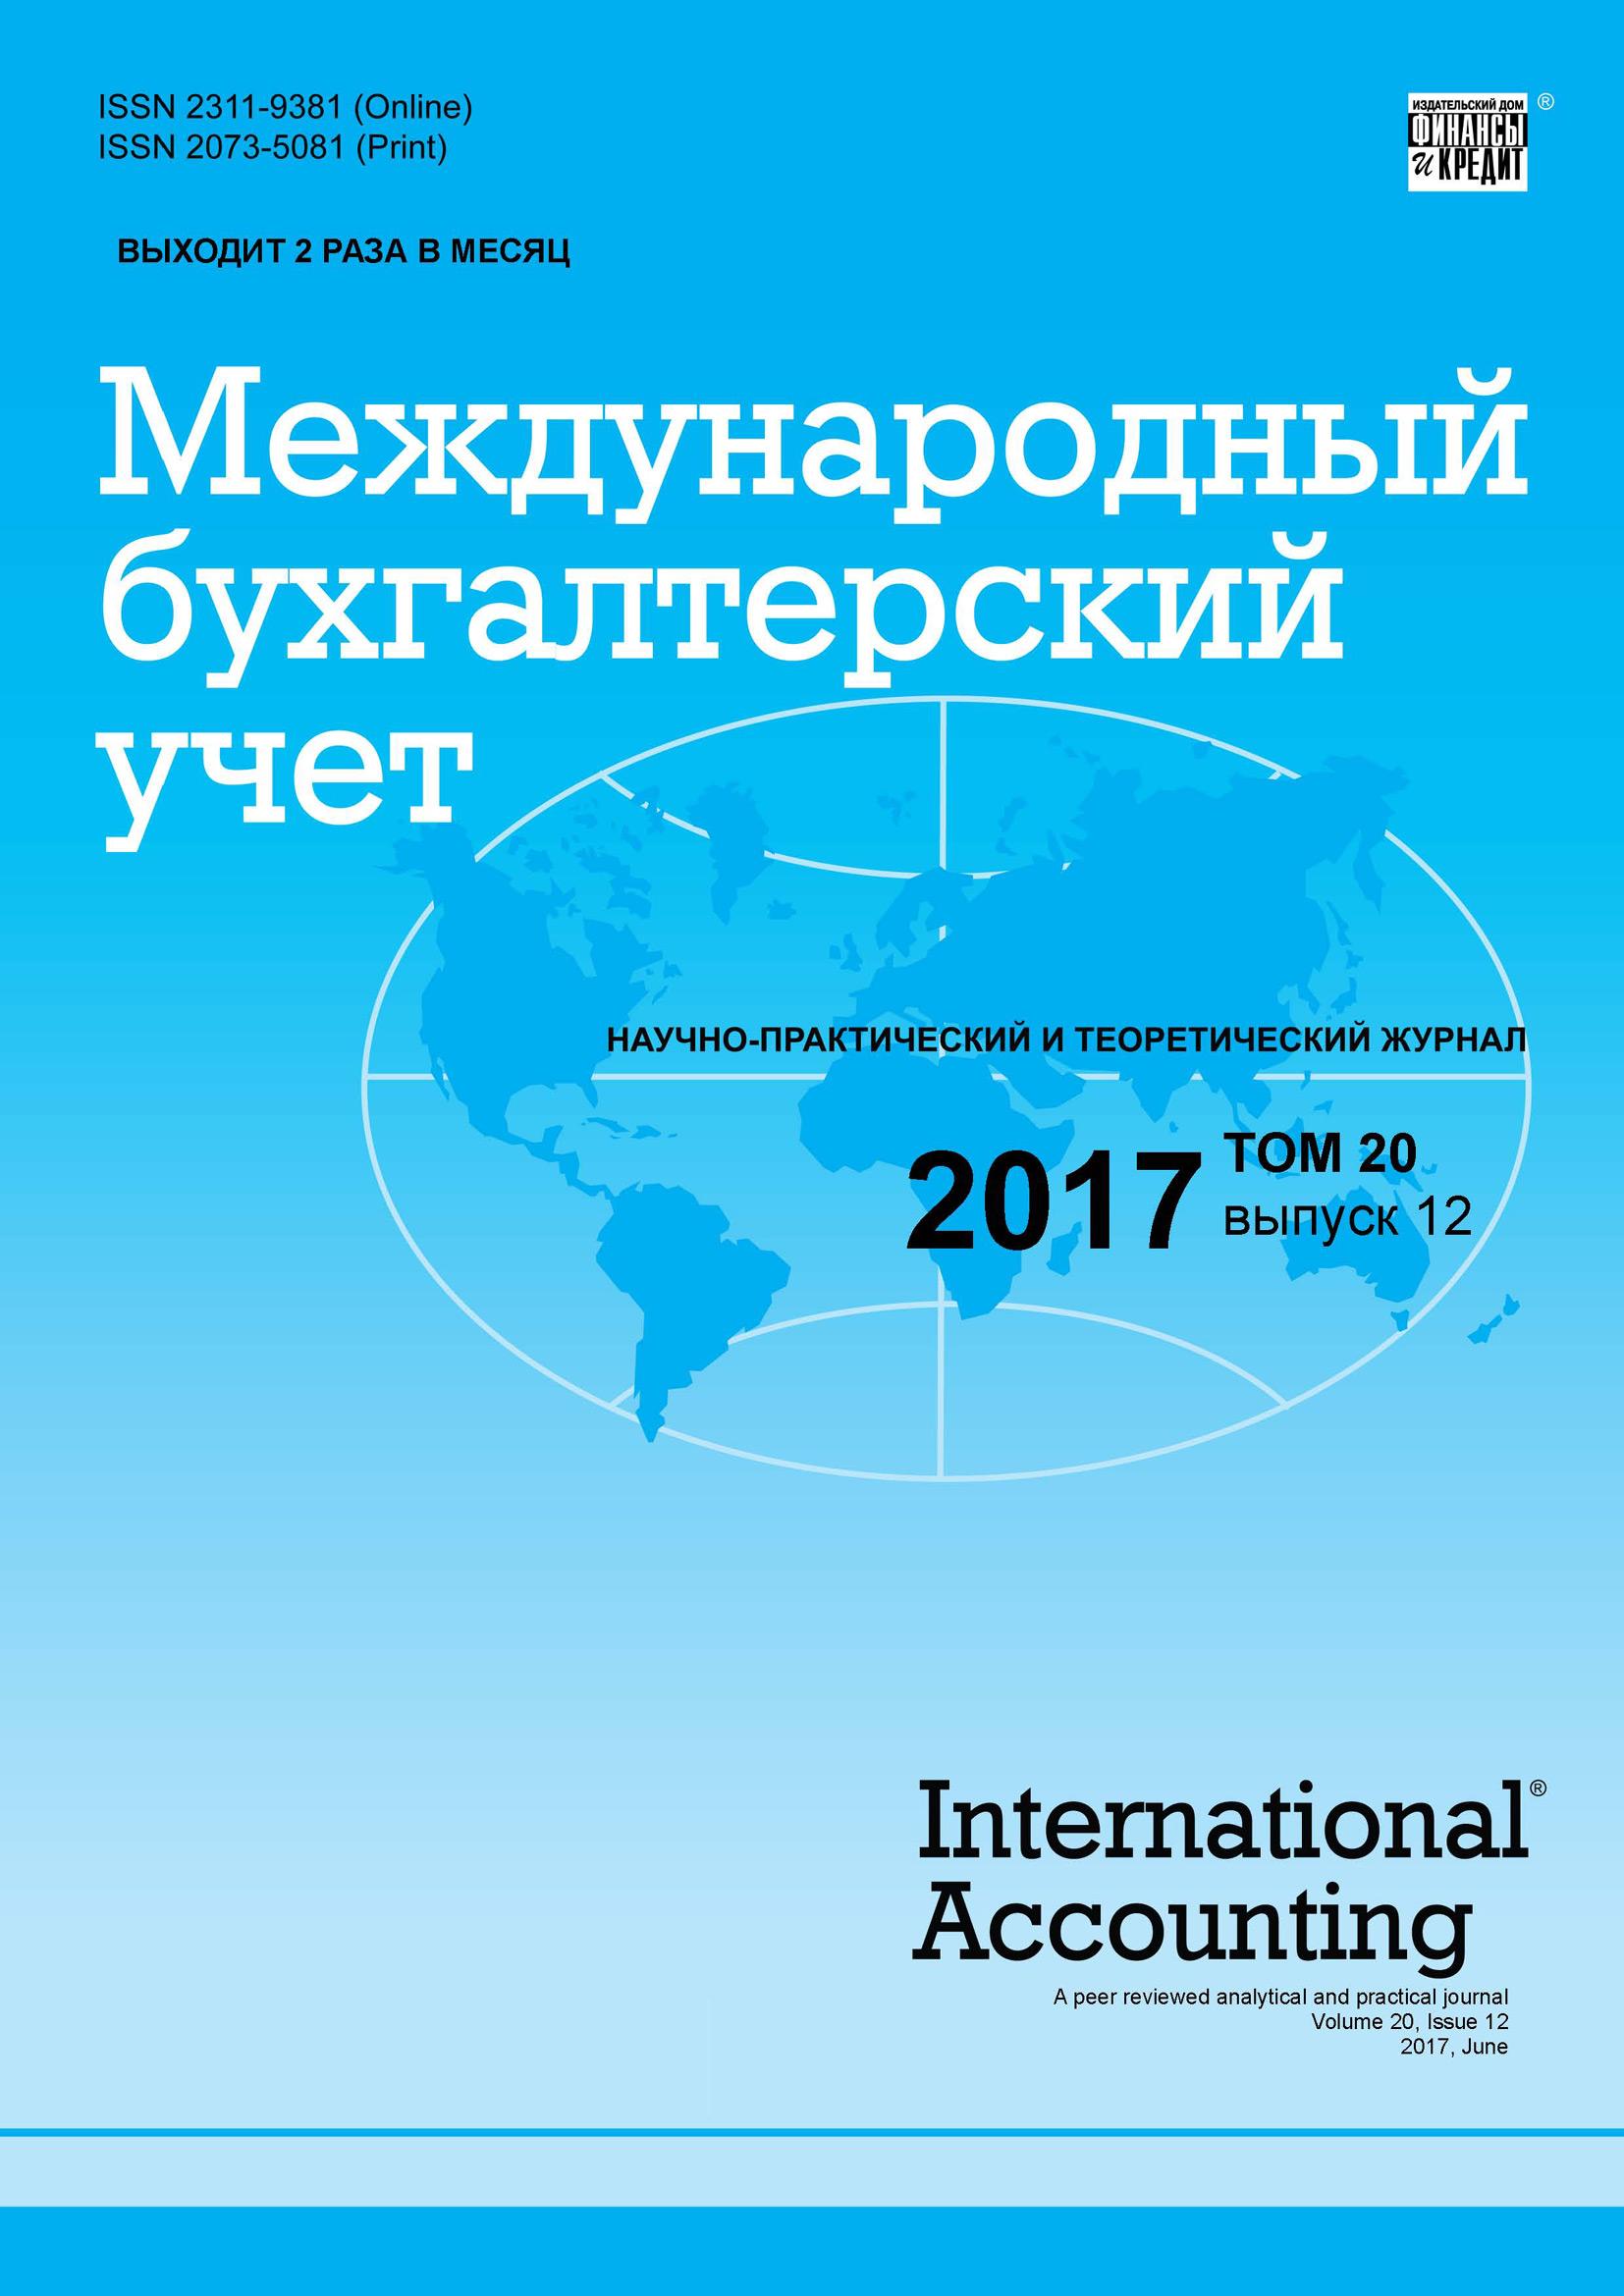 Международный бухгалтерский учет № 12 2017